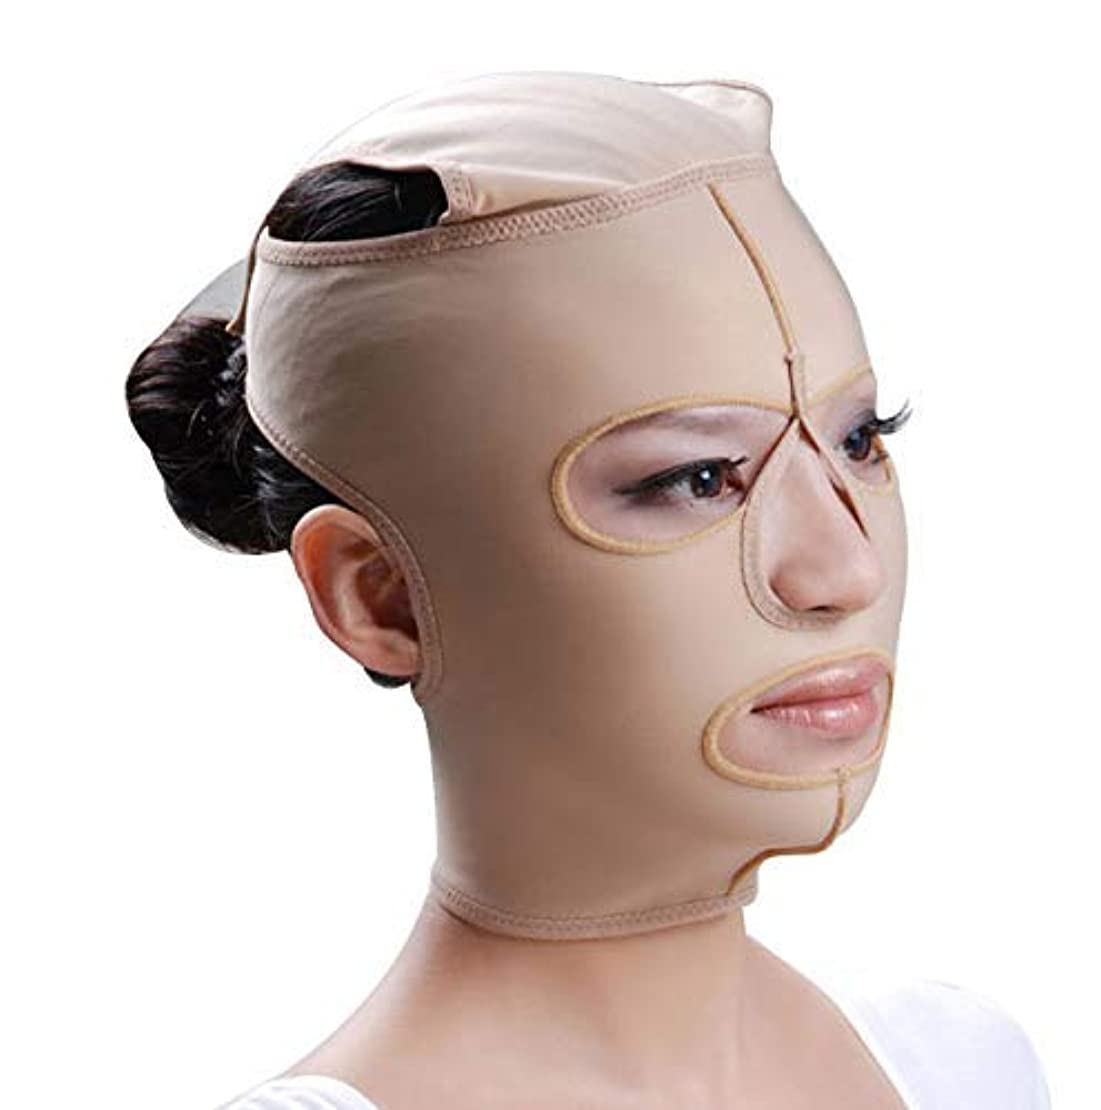 青消費するピットファーミングフェイスマスク、フェイシャルマスクエラスティックフェイスリフティングリフティングファーミングパターンマイクロフィニッシングポストモデリングコンプレッションフェイスマスク(サイズ:S),M